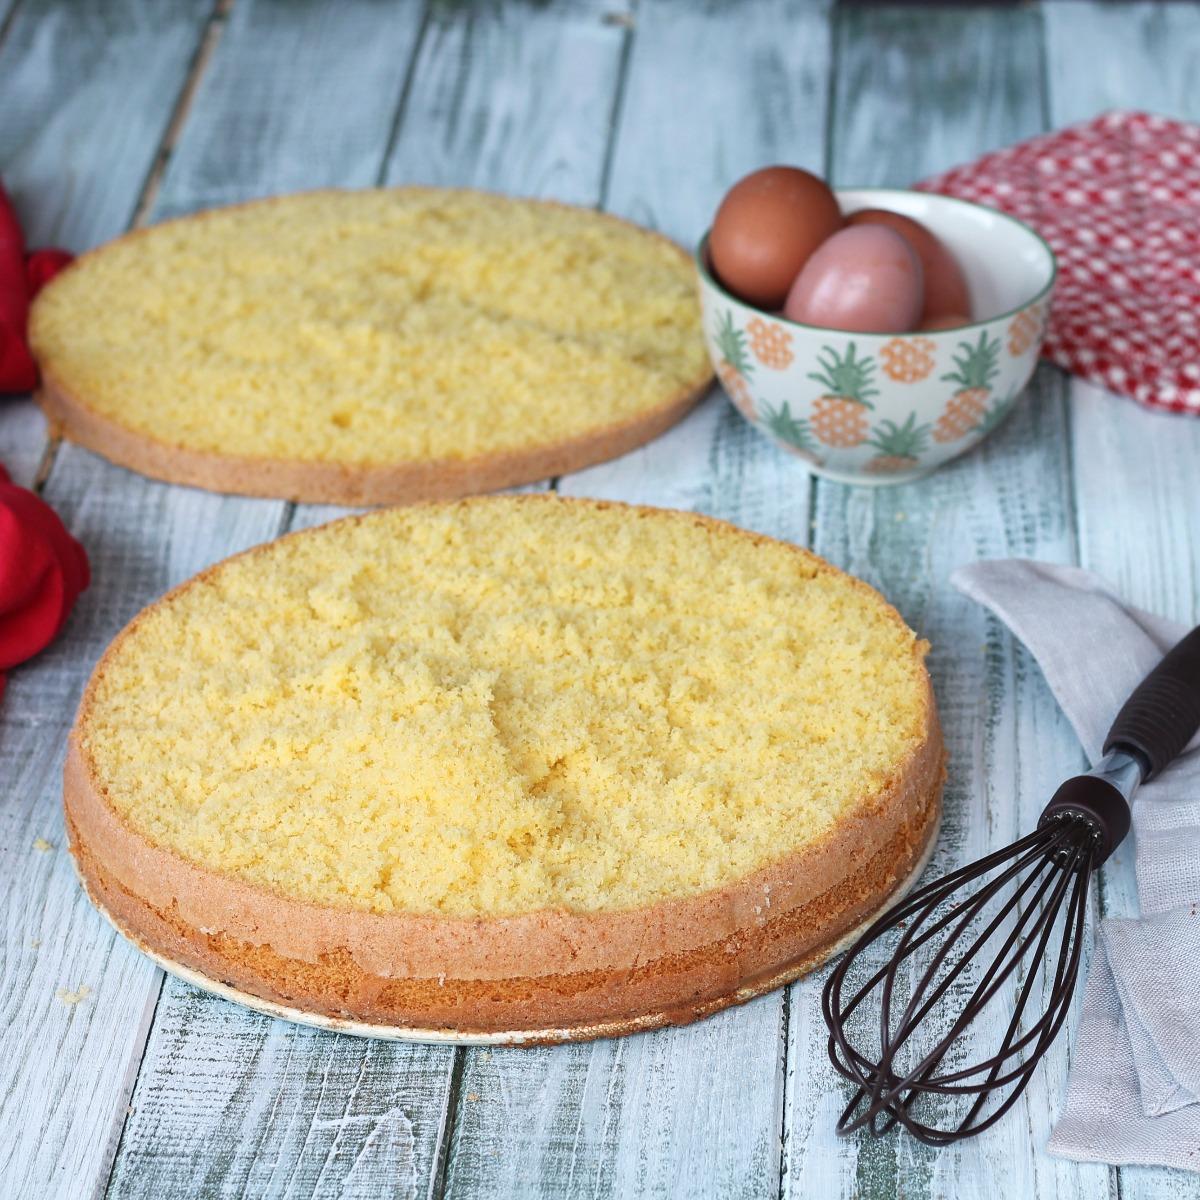 PAN DI SPAGNA CON FECOLA DI PATATE ricetta pan di spagna altissimo